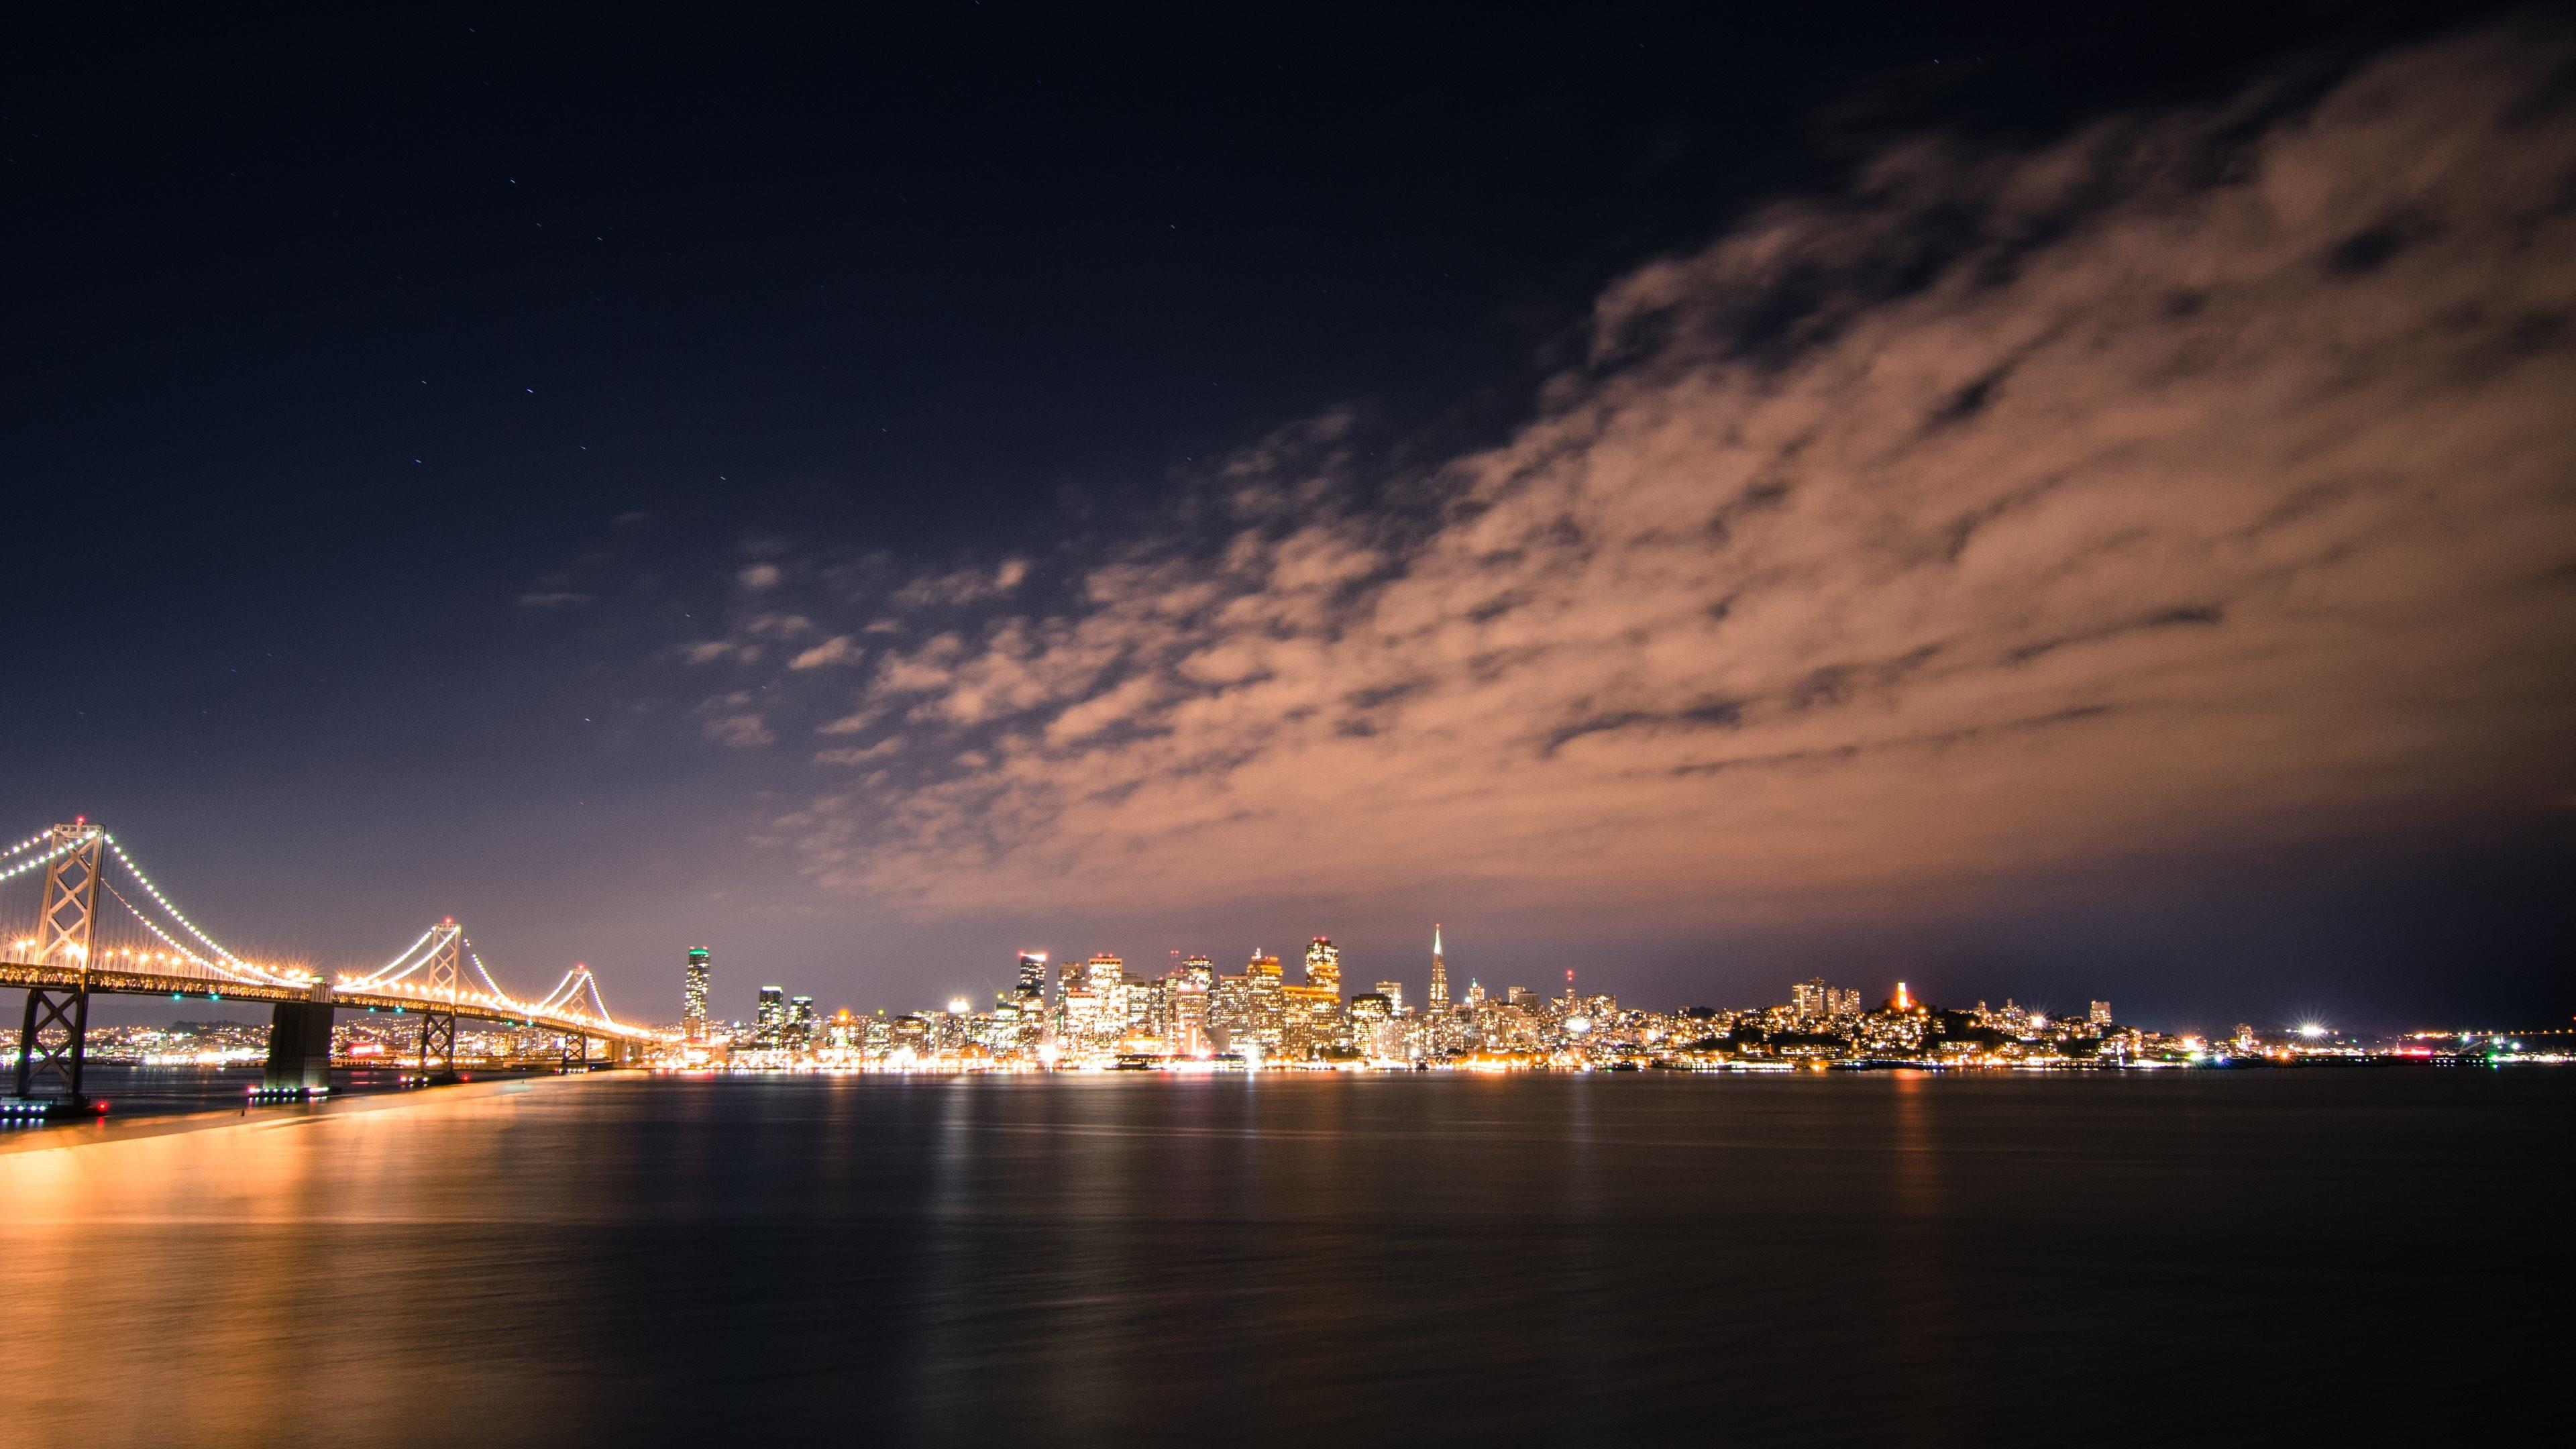 San Francisco Skyline Wallpaper 74 Images